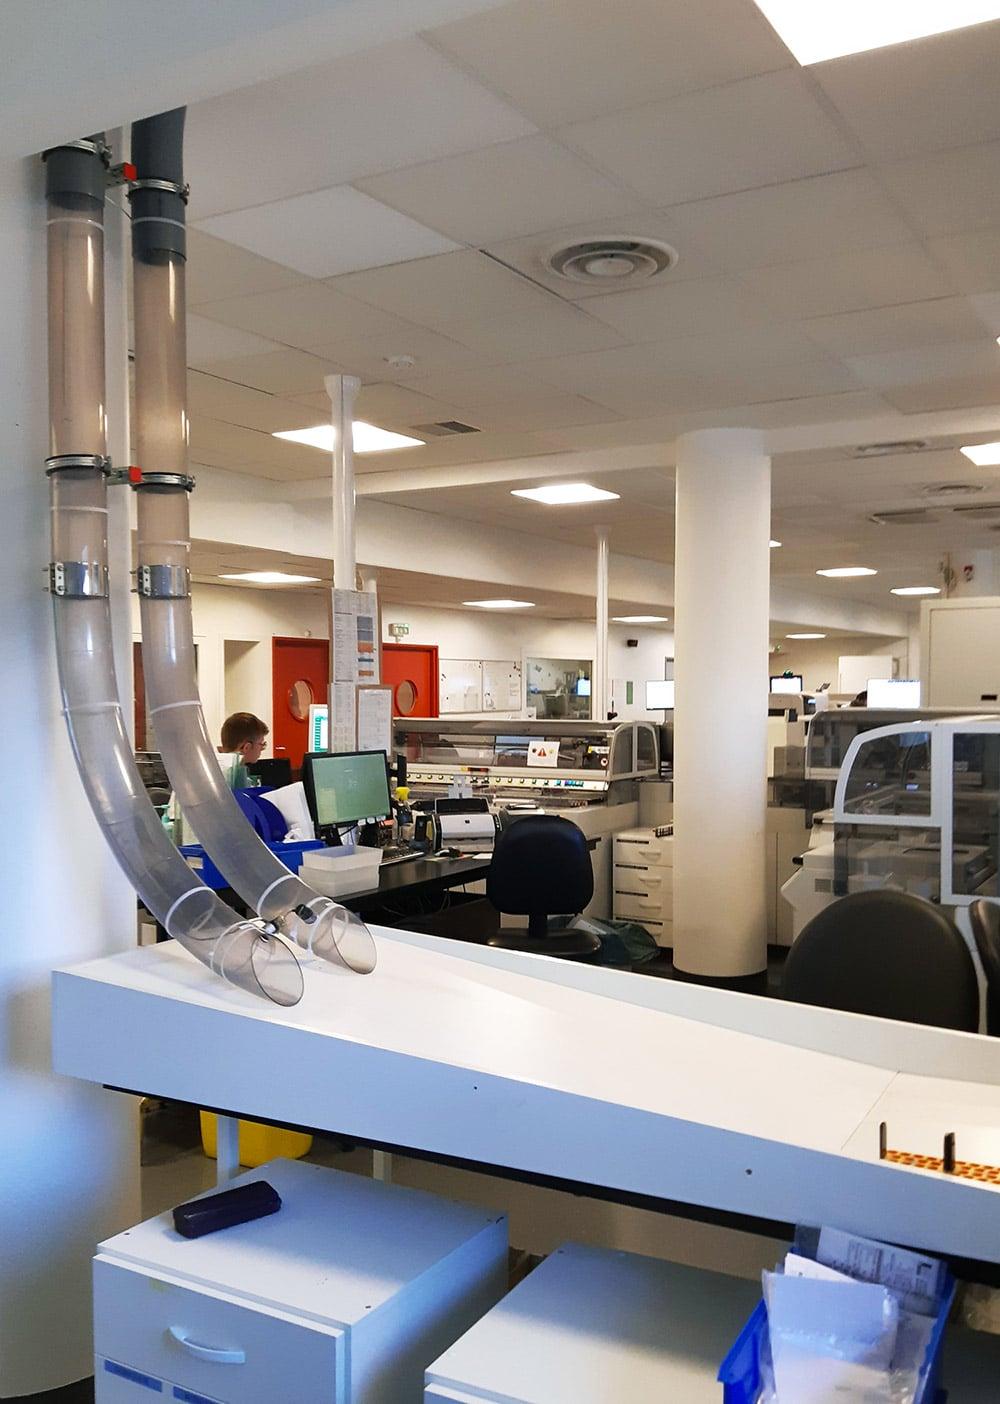 Chantier Institut Mutualiste Montsouris - Stations tubes pneumatiques